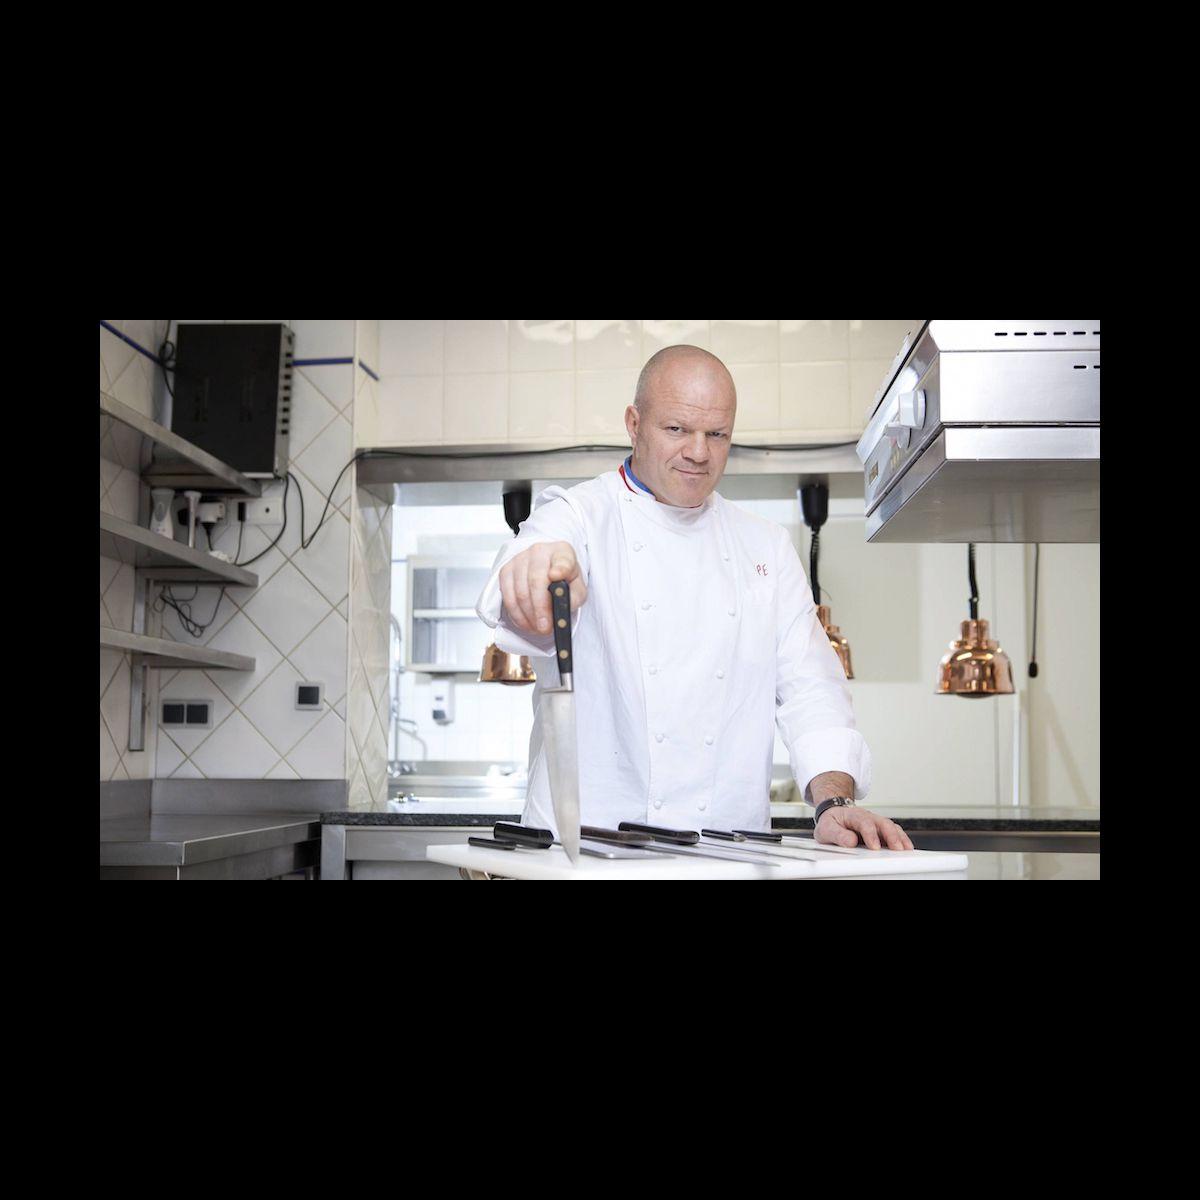 Gordon Ramsay Streaming Frais Photos Cauchemar En Cuisine Vostfr Idées Inspirées Pour La Maison Lexib